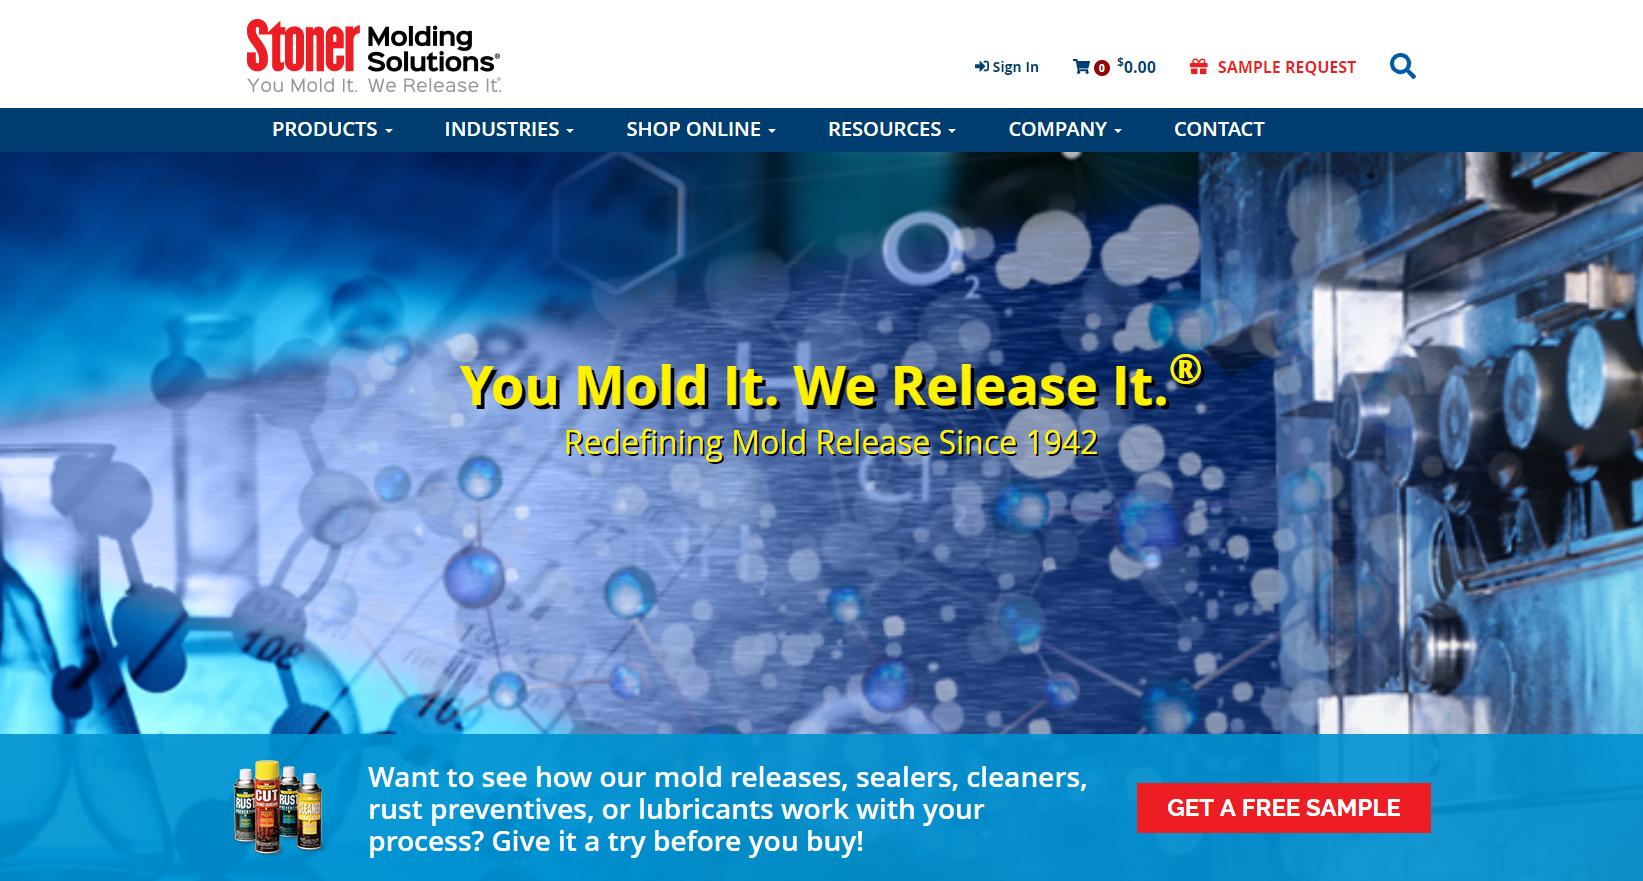 Stoner Molding Homepage Screenshot